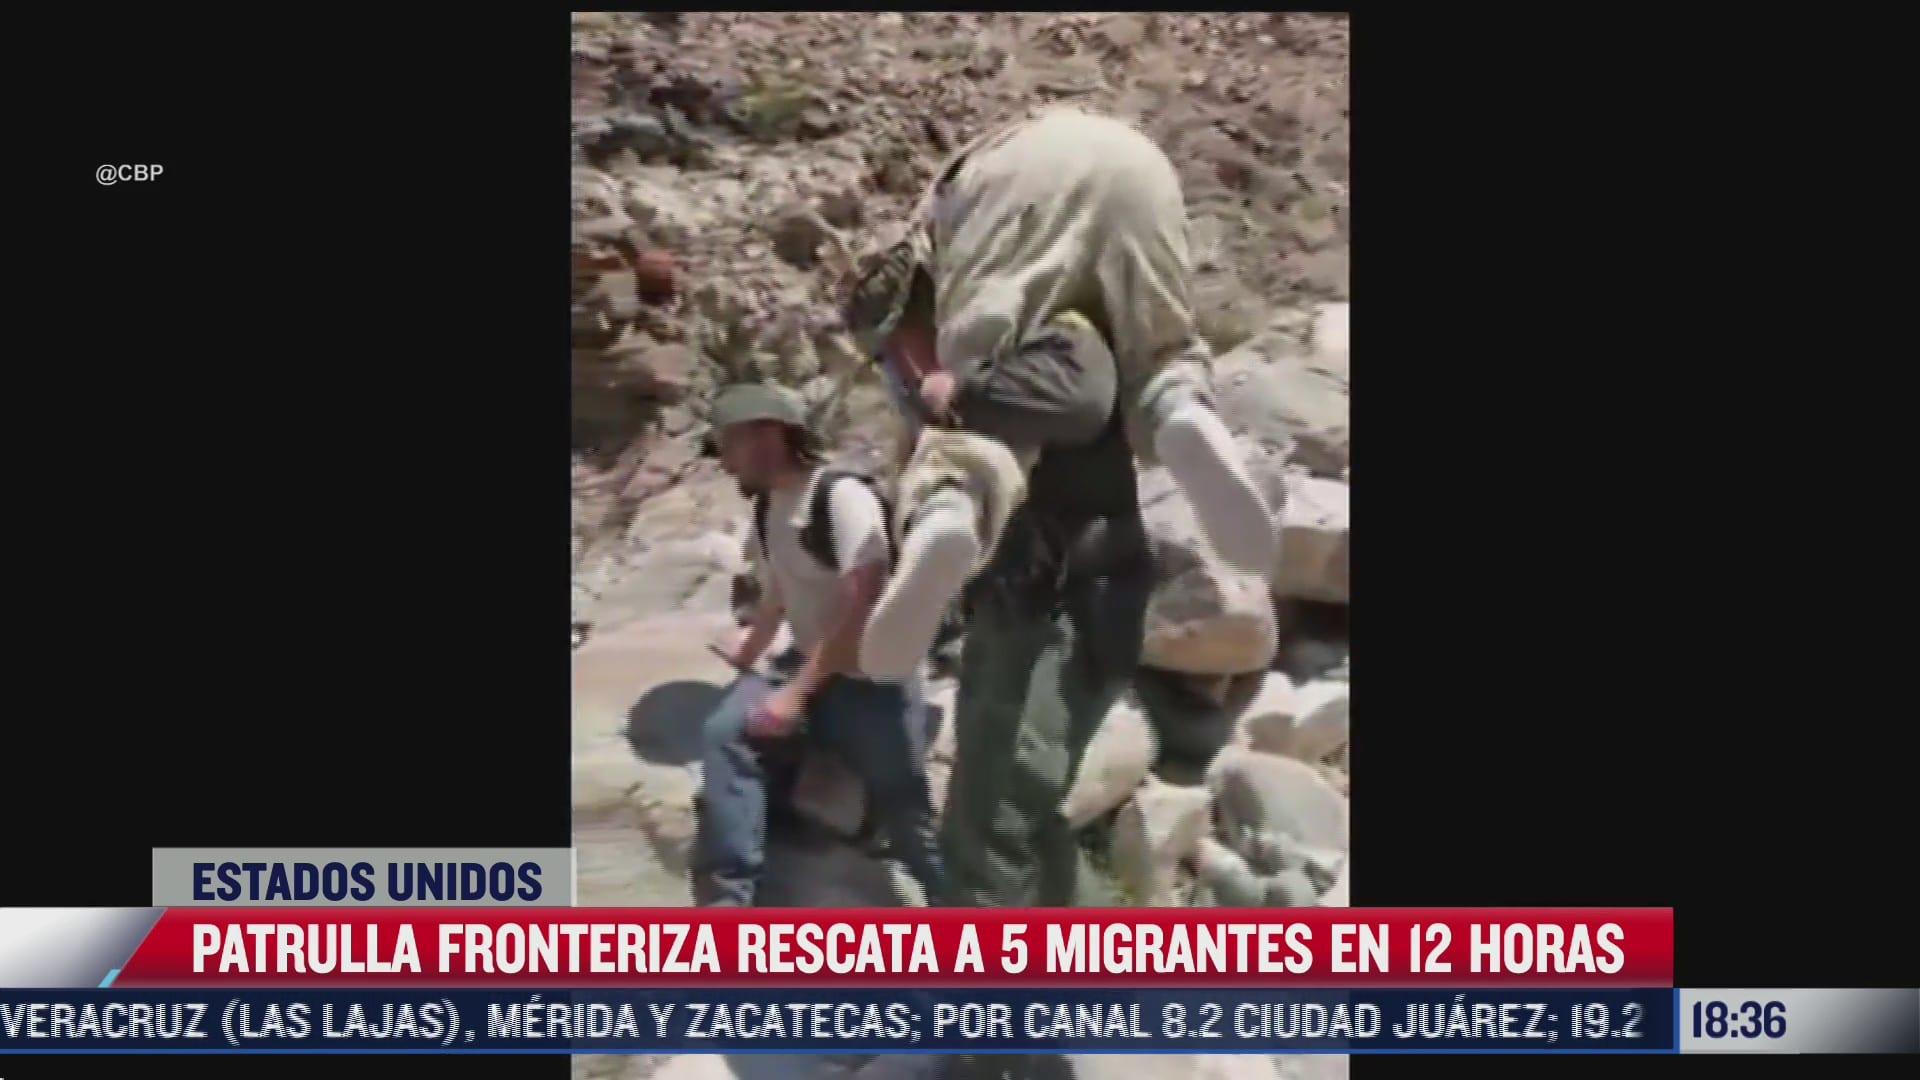 patrulla fronteriza en estados unidos rescata a 5 migrantes en 12 horas